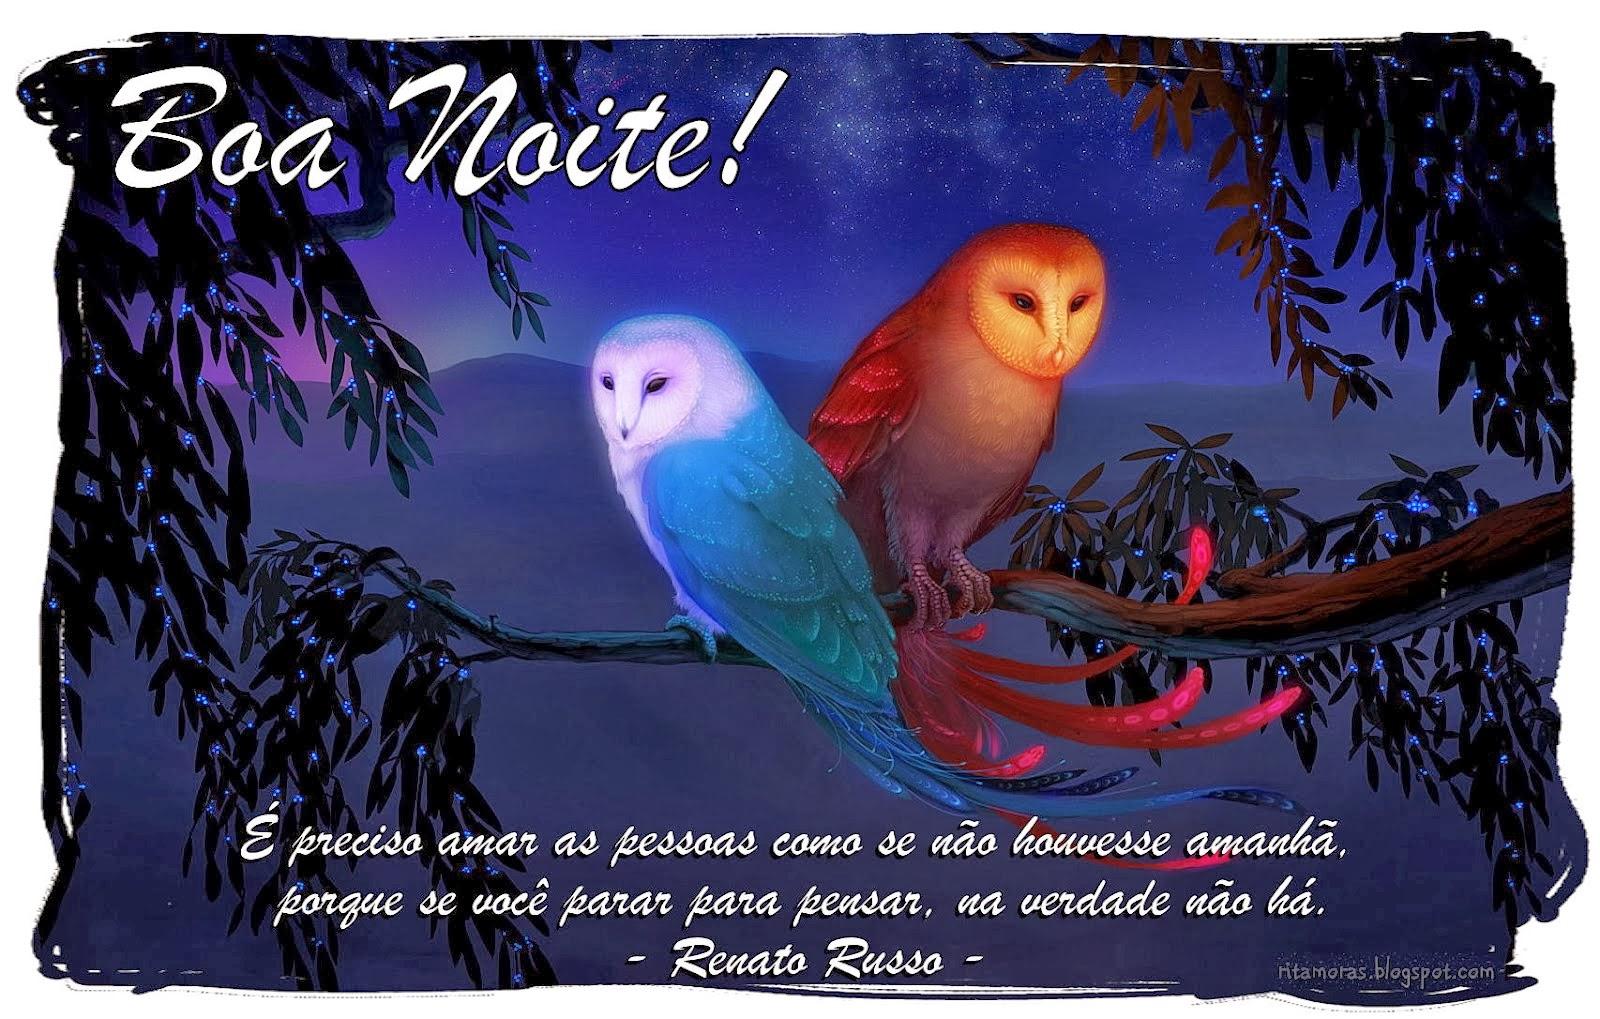 Frases Para Boa Noite: Boa Noite Mensagens Variadas